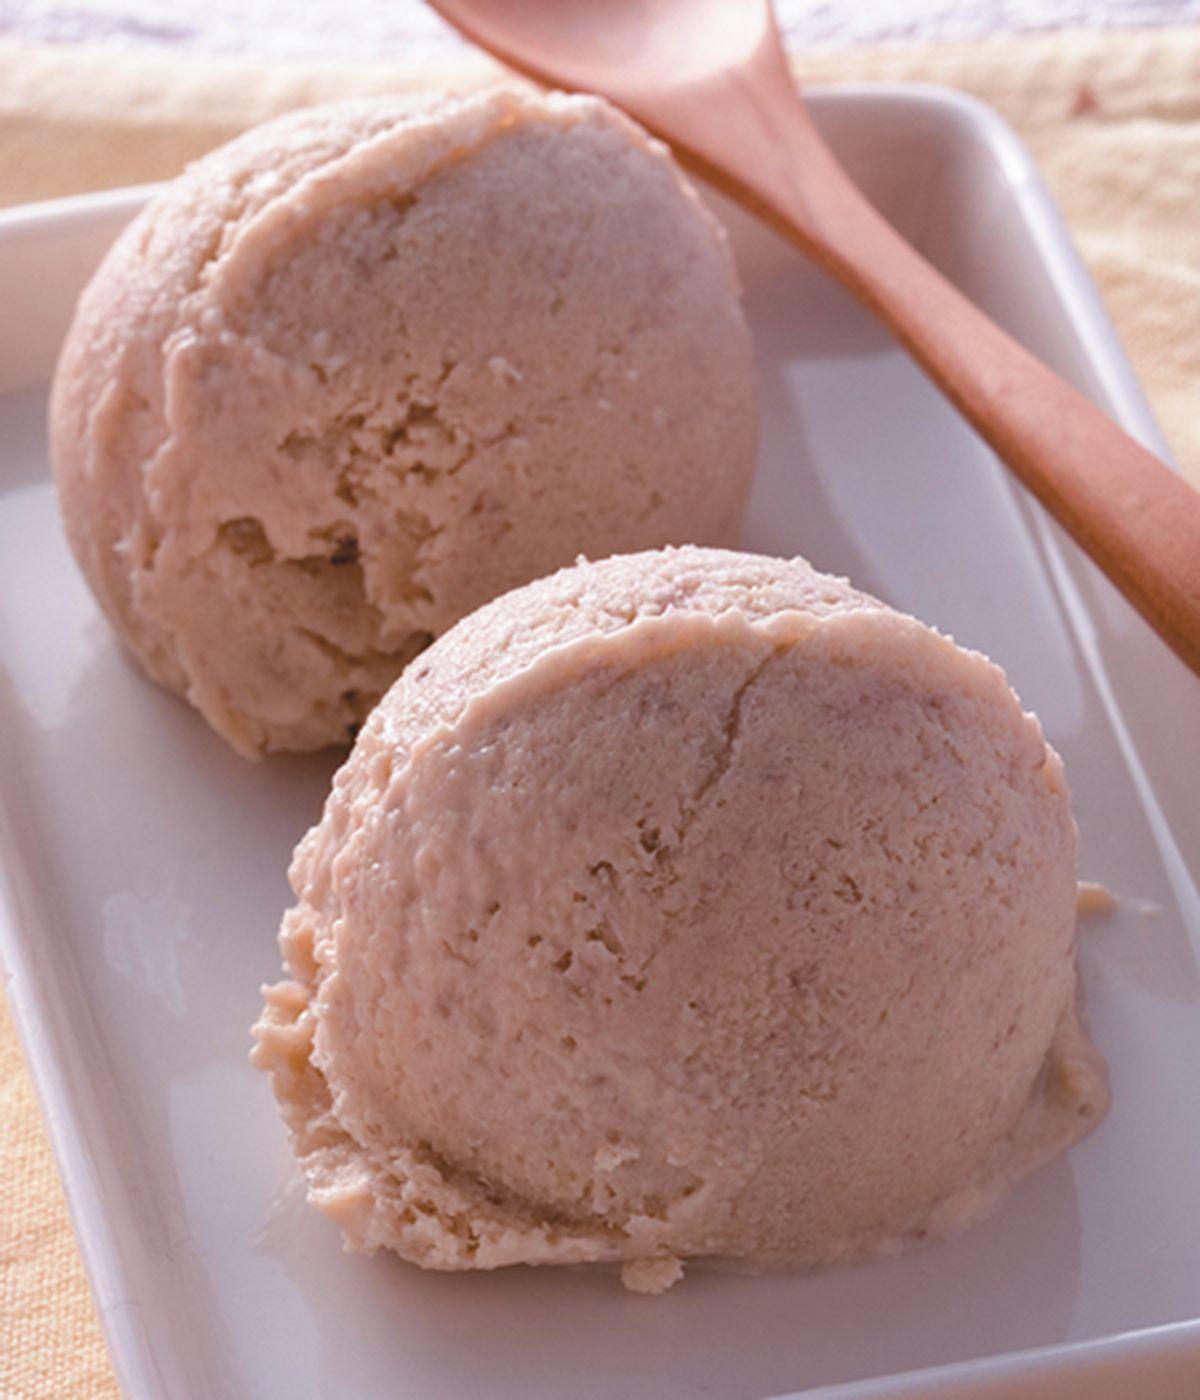 食譜:芋頭冰淇淋